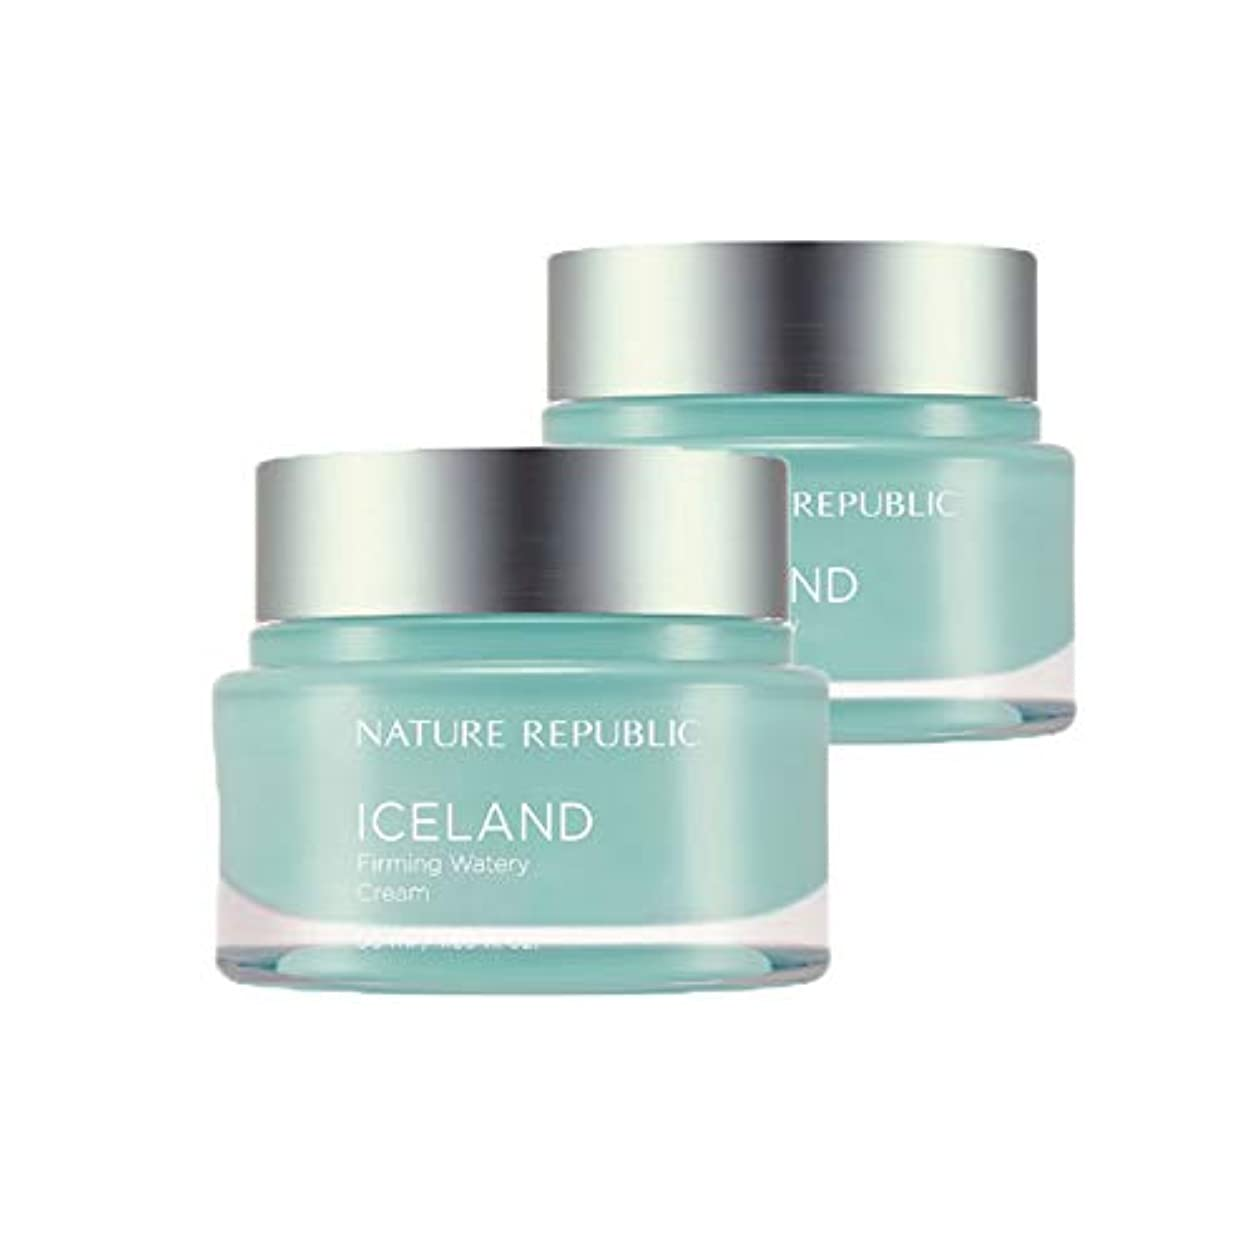 ずっと航空会社トラフネイチャーリパブリックアイスランドファーミング水分クリーム50mlx2本セット韓国コスメ、Nature Republic Iceland Firming Watery Cream 50ml x 2ea Set Korean...